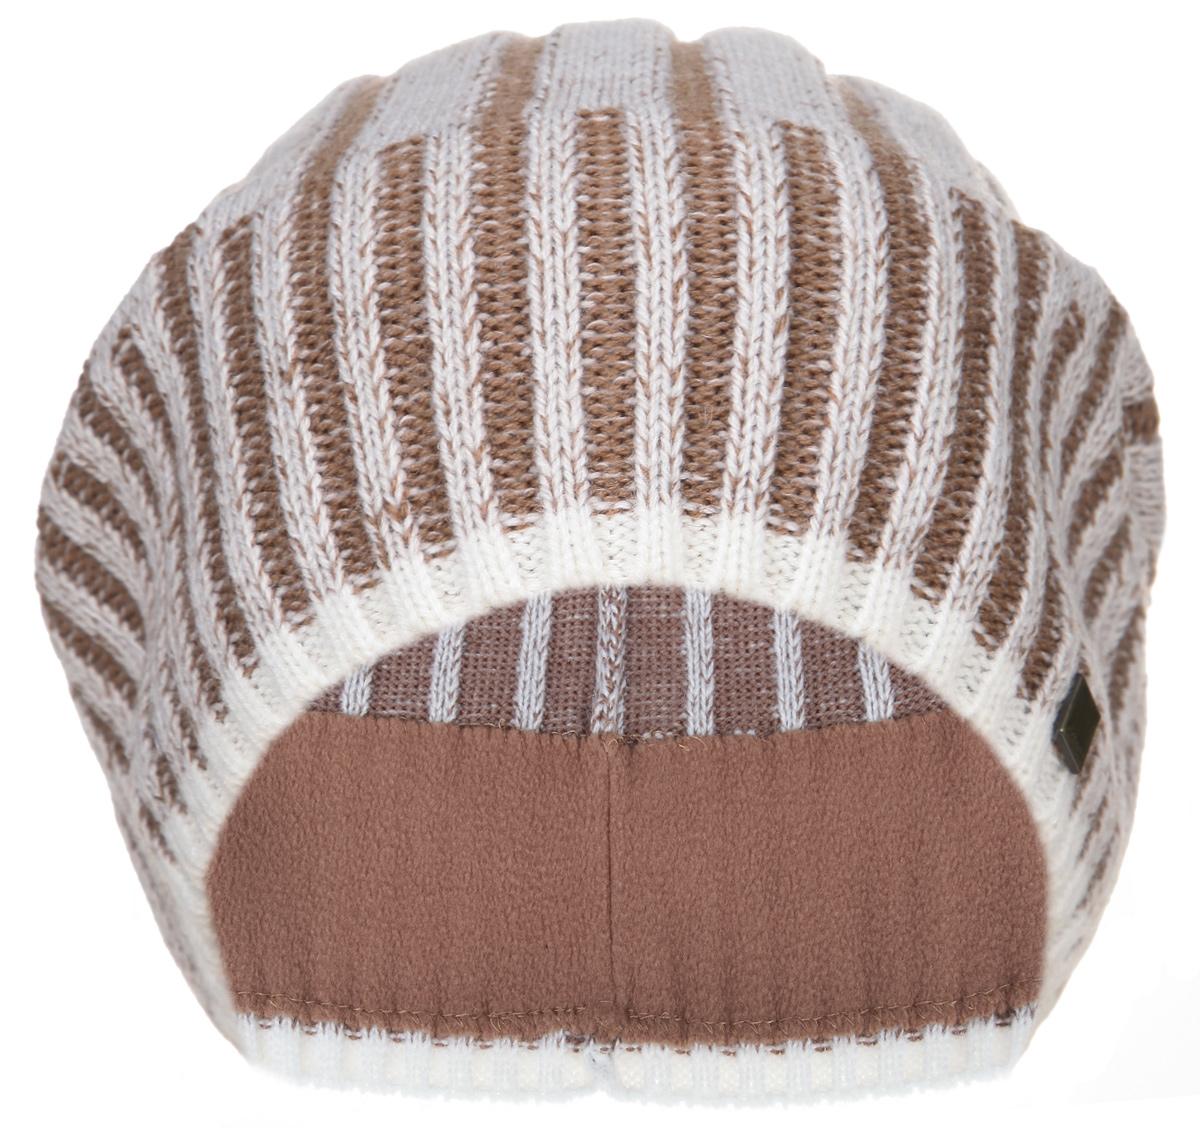 Шапка3447950Удлиненная мужская шапка Canoe Admi отлично дополнит ваш образ в холодную погоду. Сочетание шерсти и акрила максимально сохраняет тепло и обеспечивает удобную посадку, невероятную легкость и мягкость. На внутренней стороне изделие дополнено в ставкой из флиса. Шапка украшена небольшим декоративным элементом с изображением надписи Canoe. Стильная шапка Canoe Admi подчеркнет ваш неповторимый стиль и индивидуальность.